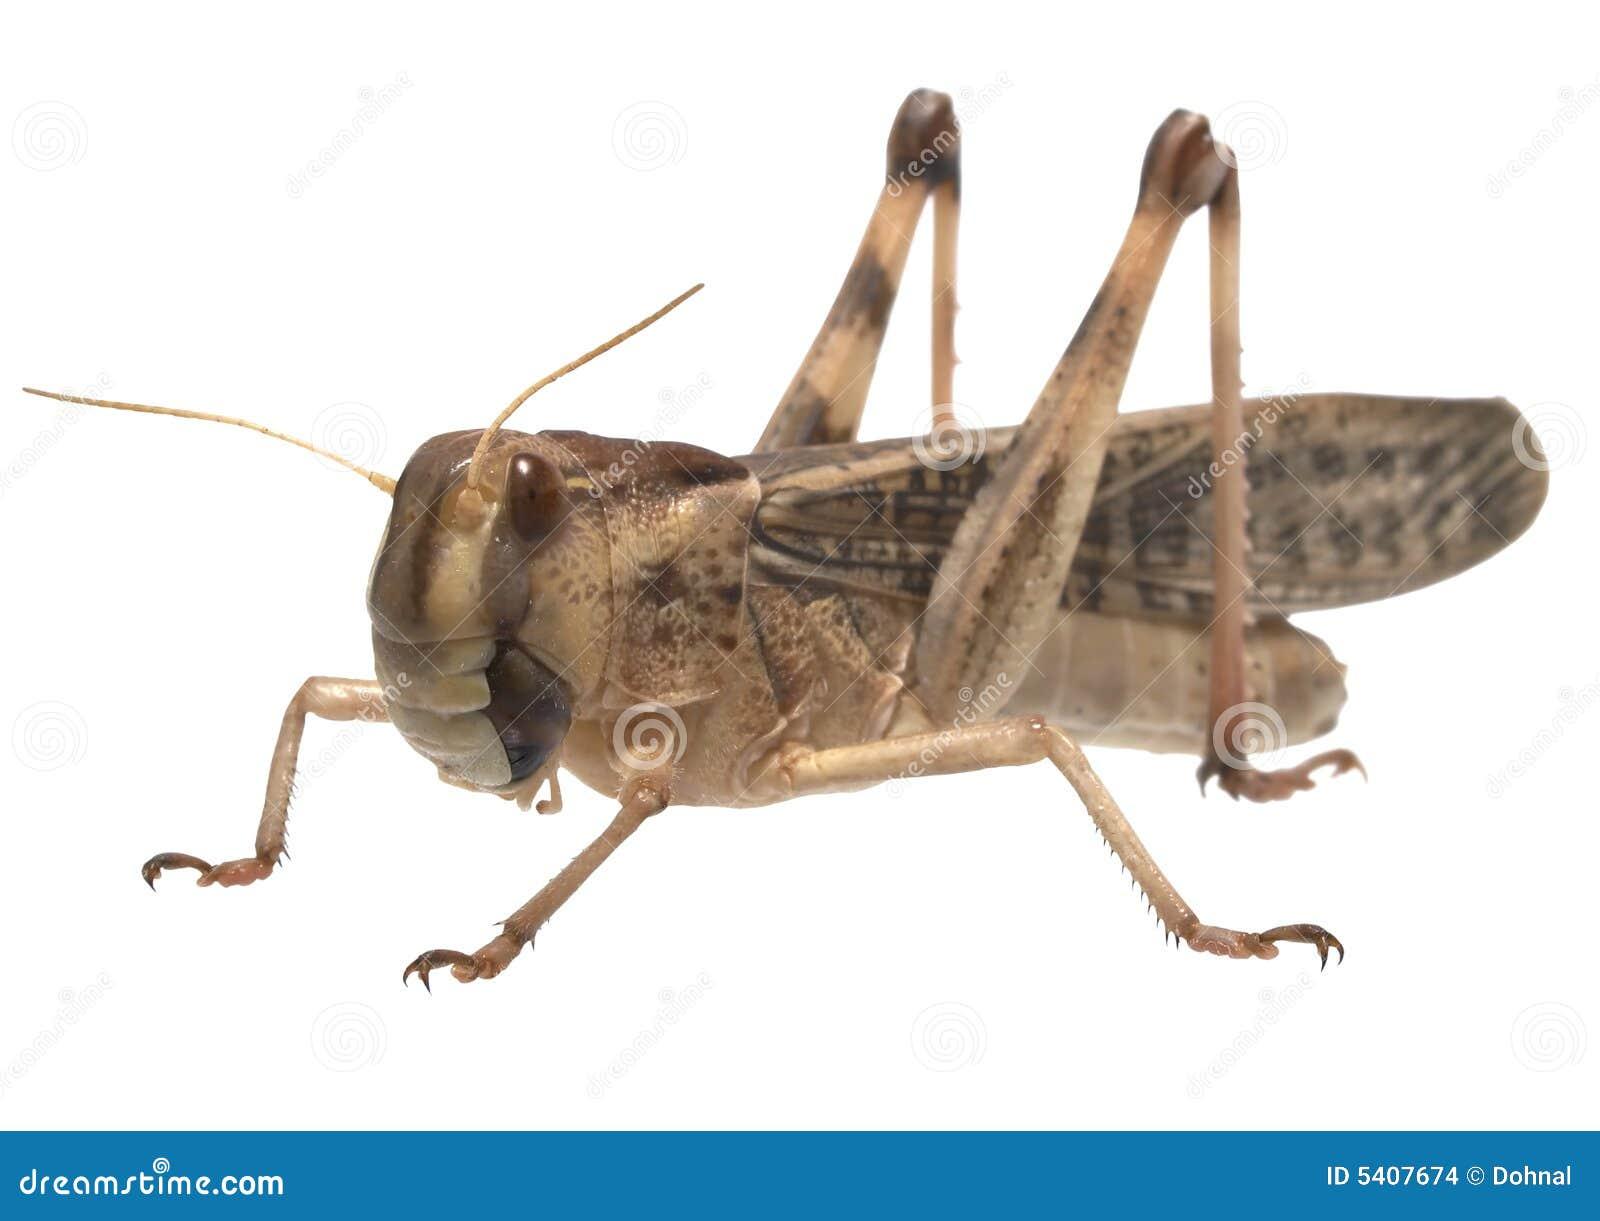 Migratory locust - (Locusta migratoria)